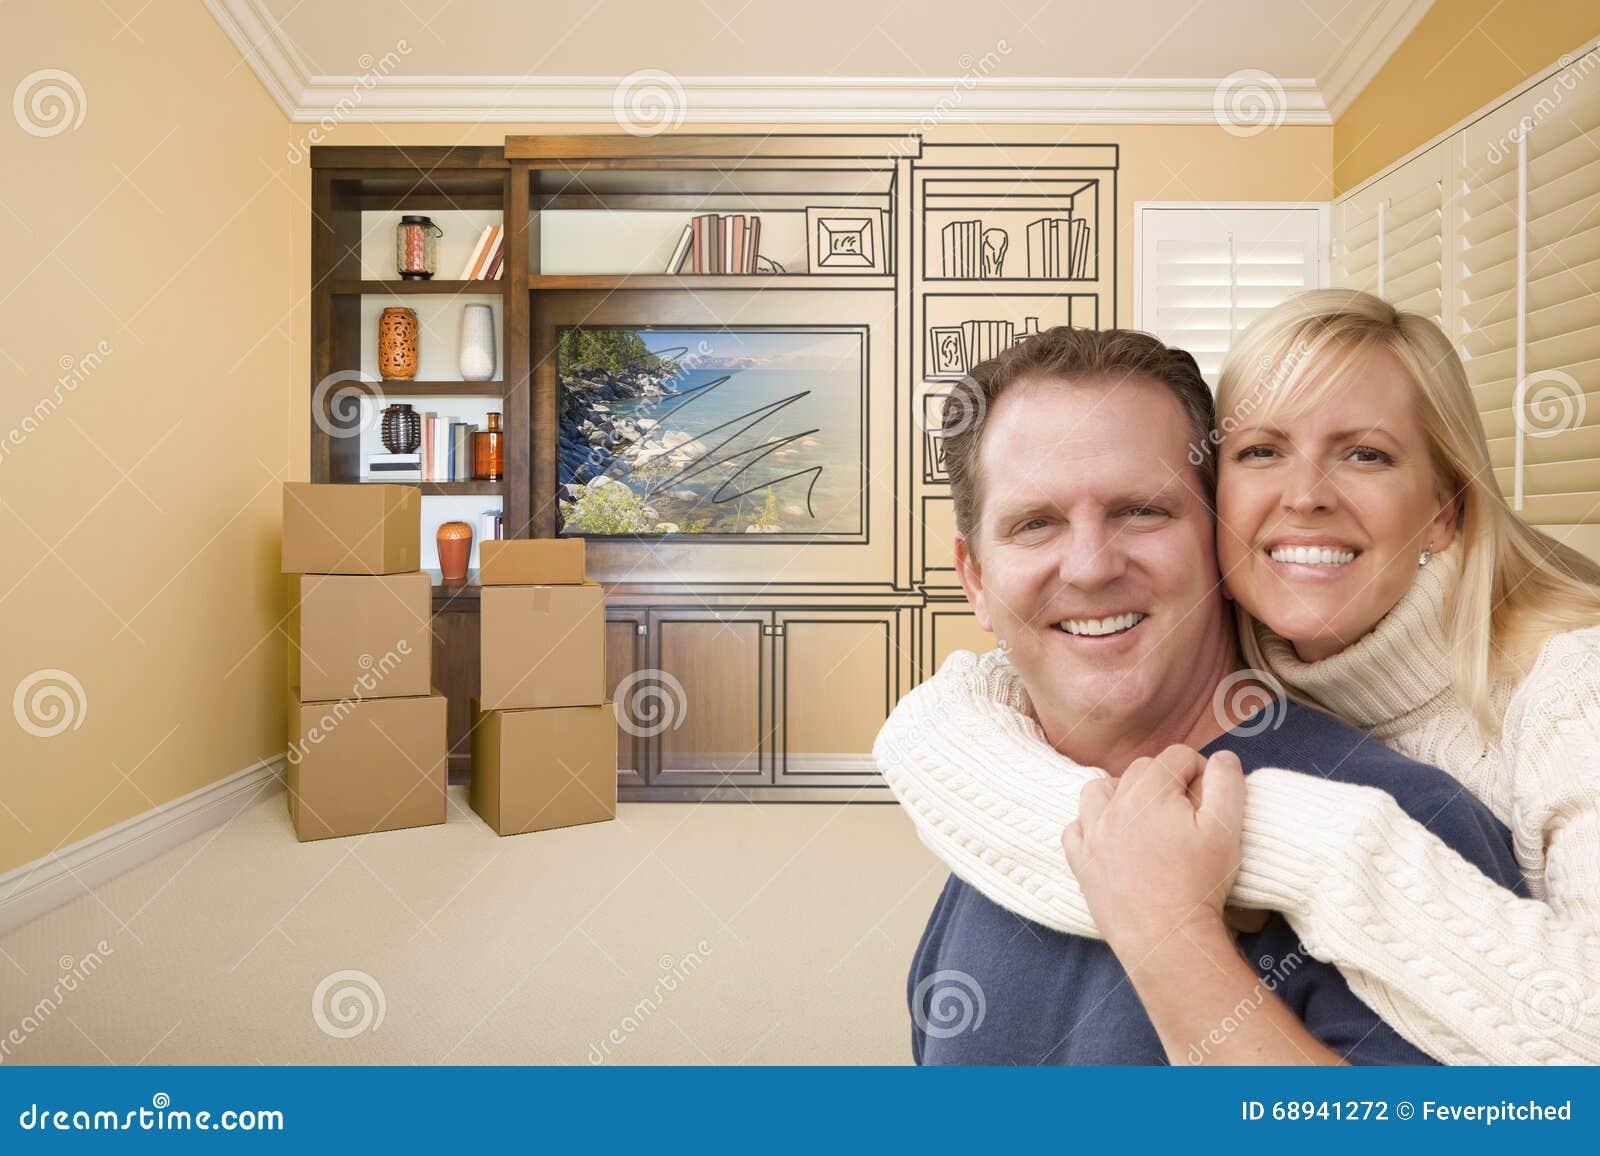 Жопу развлечение для пар дома красивые жопы